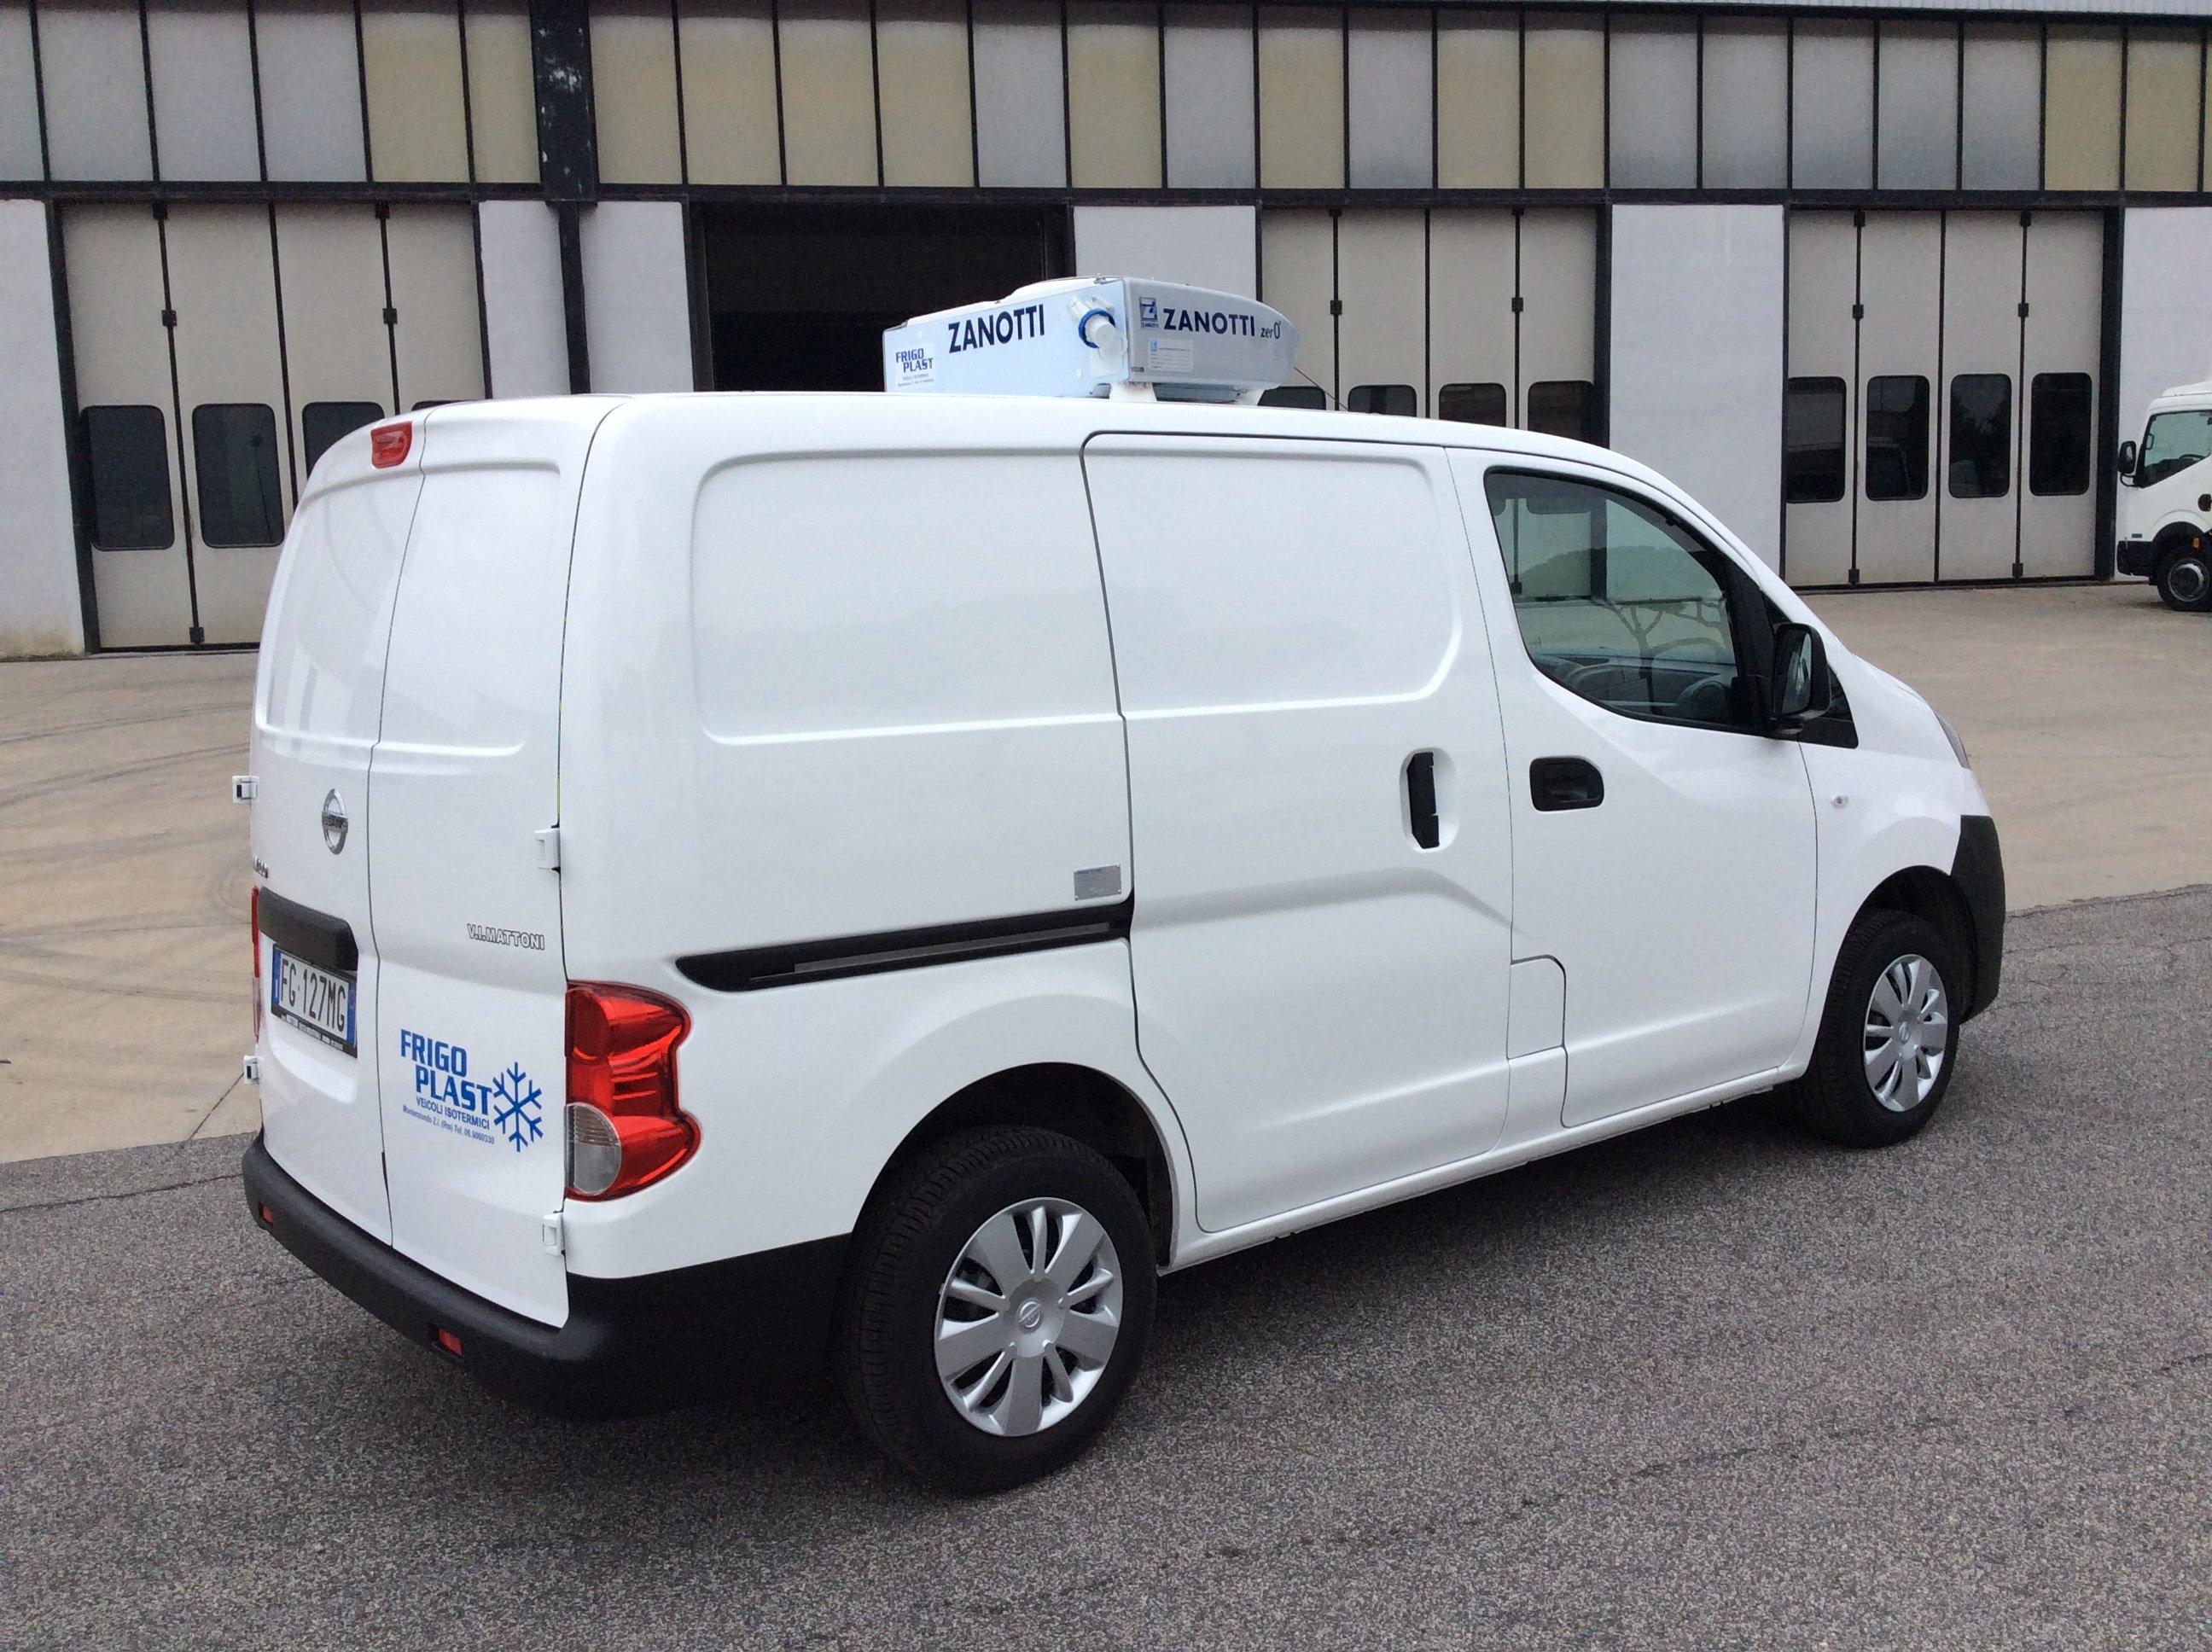 NV200 Combi 1.5 dCi, 90 cv, Euro 6, con COMFORT PACK (clima e radio CD con Bluetooth) 5 posti, seconda fila di sedile abbattibile, porte laterali scorrevoli vetrate, porte posteriori vetrate apribili a 180°, disponibile anche 110 cv